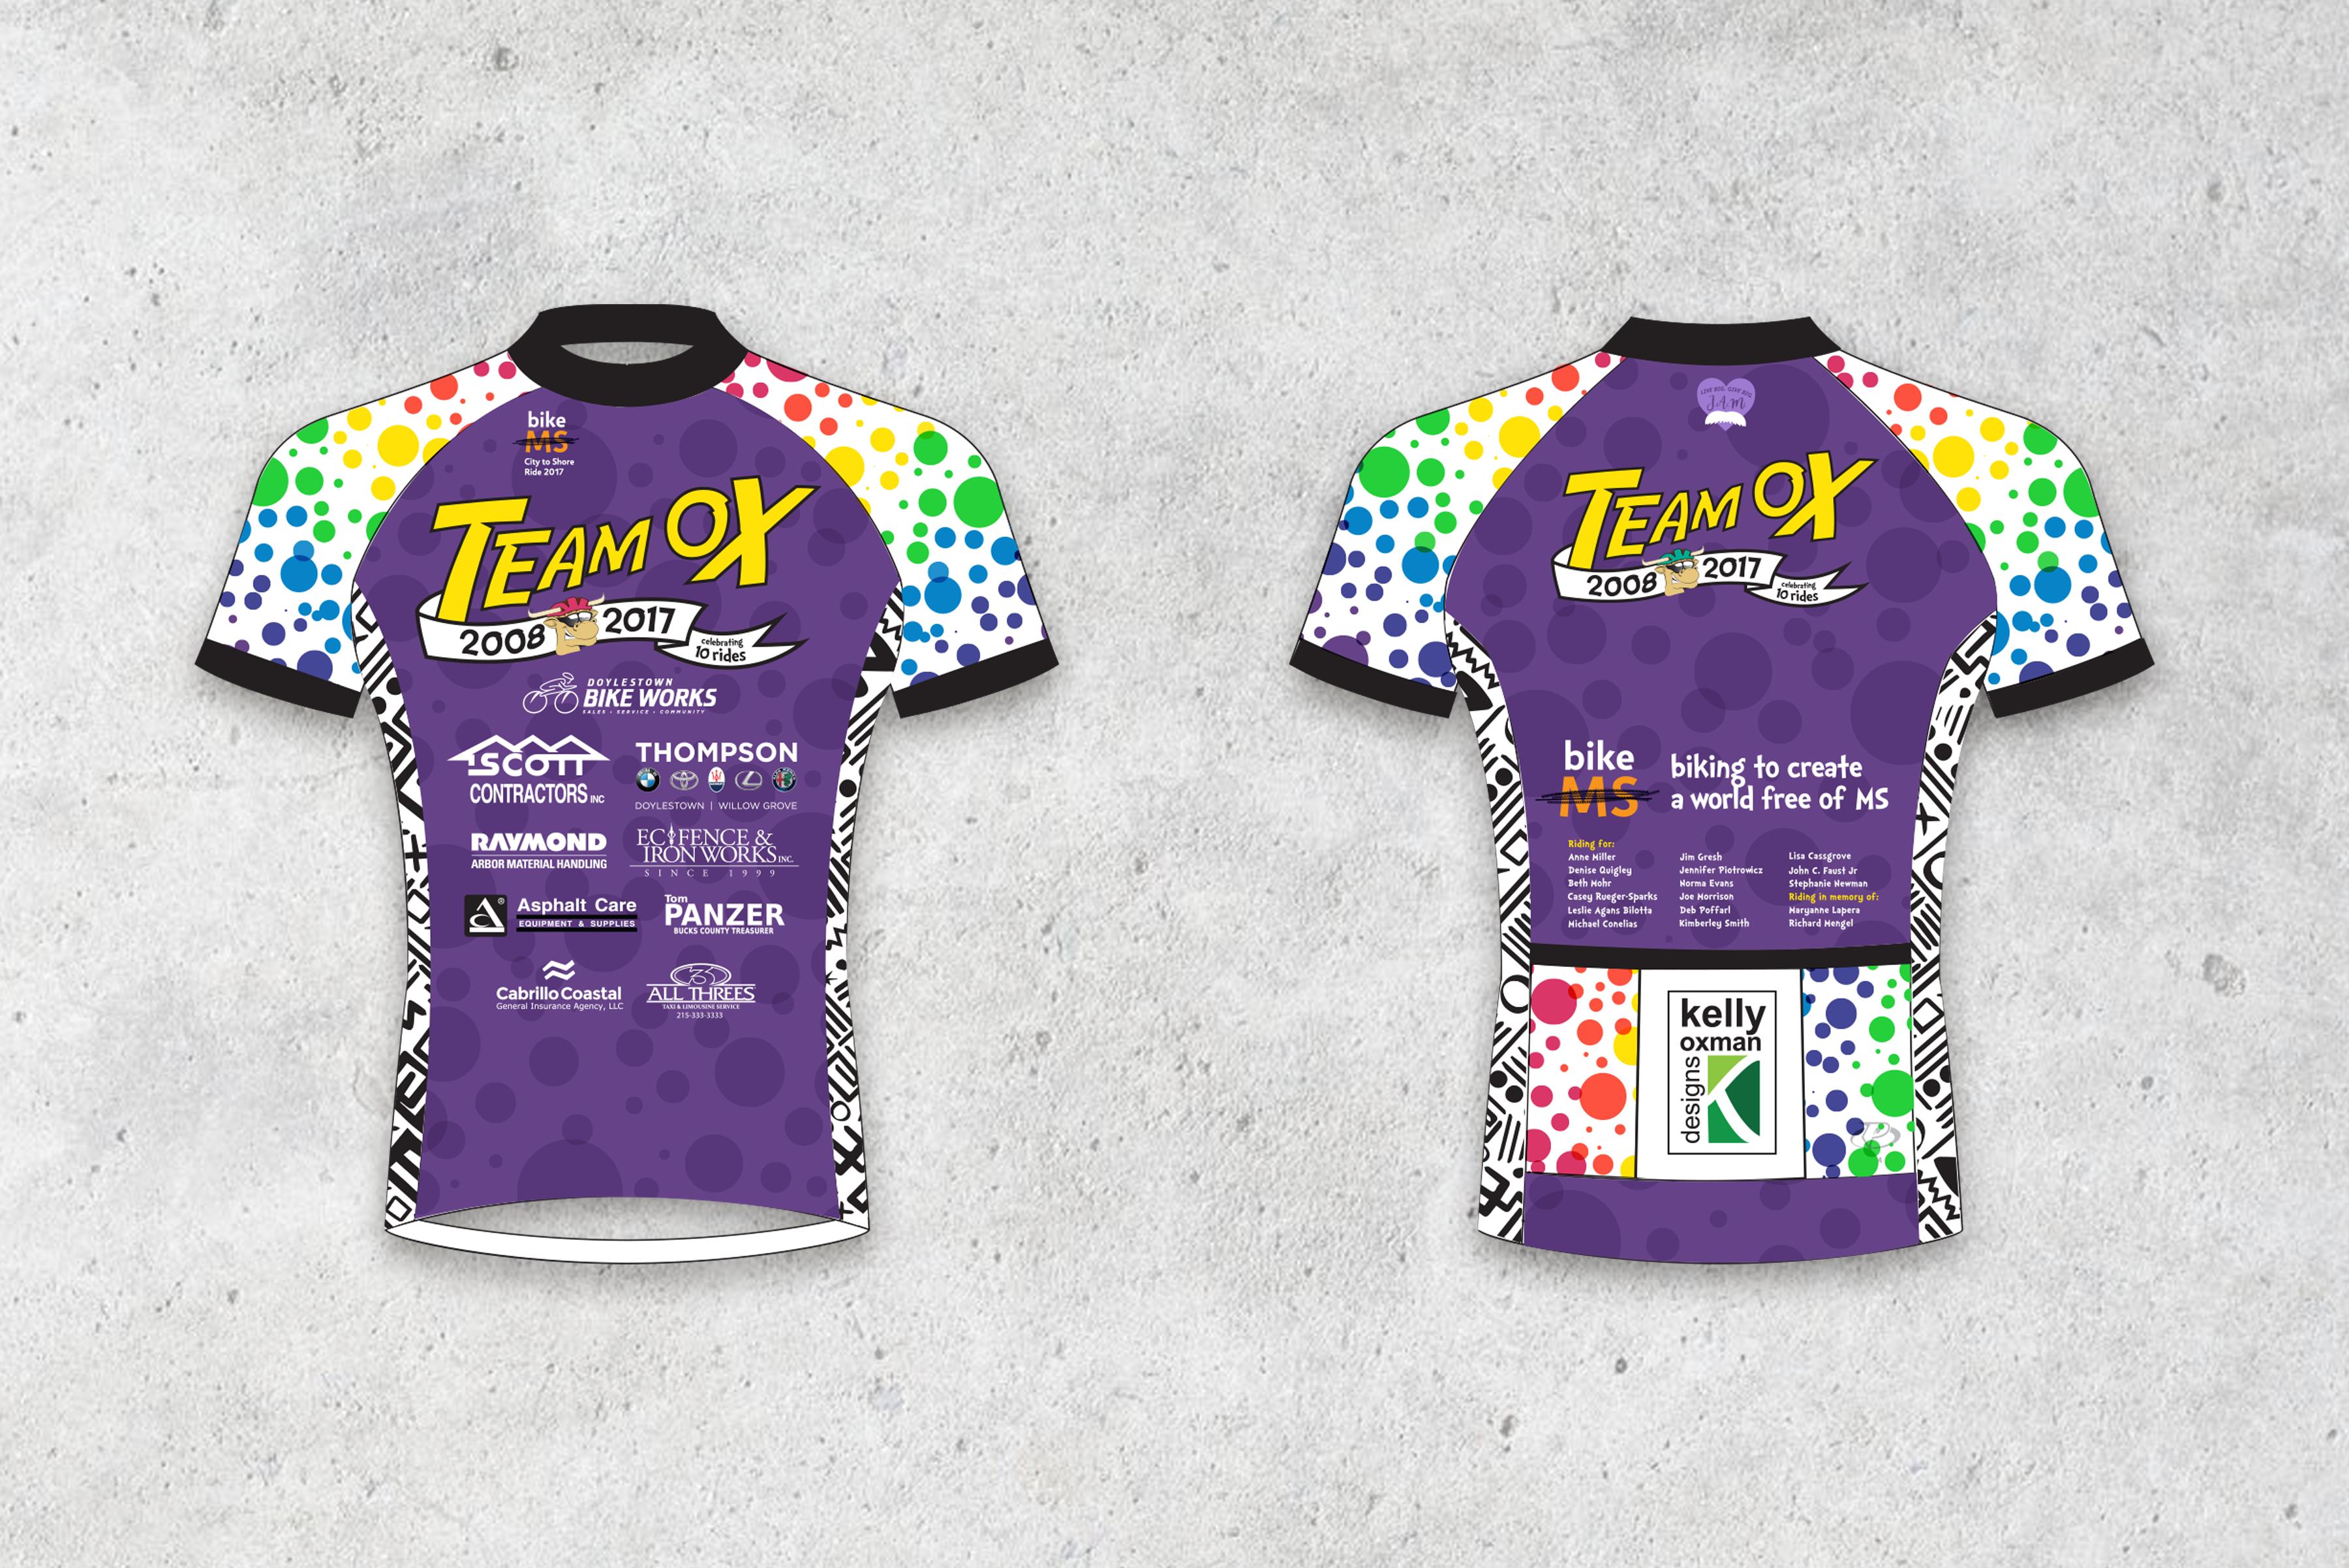 Team Ox 2017 Jersey